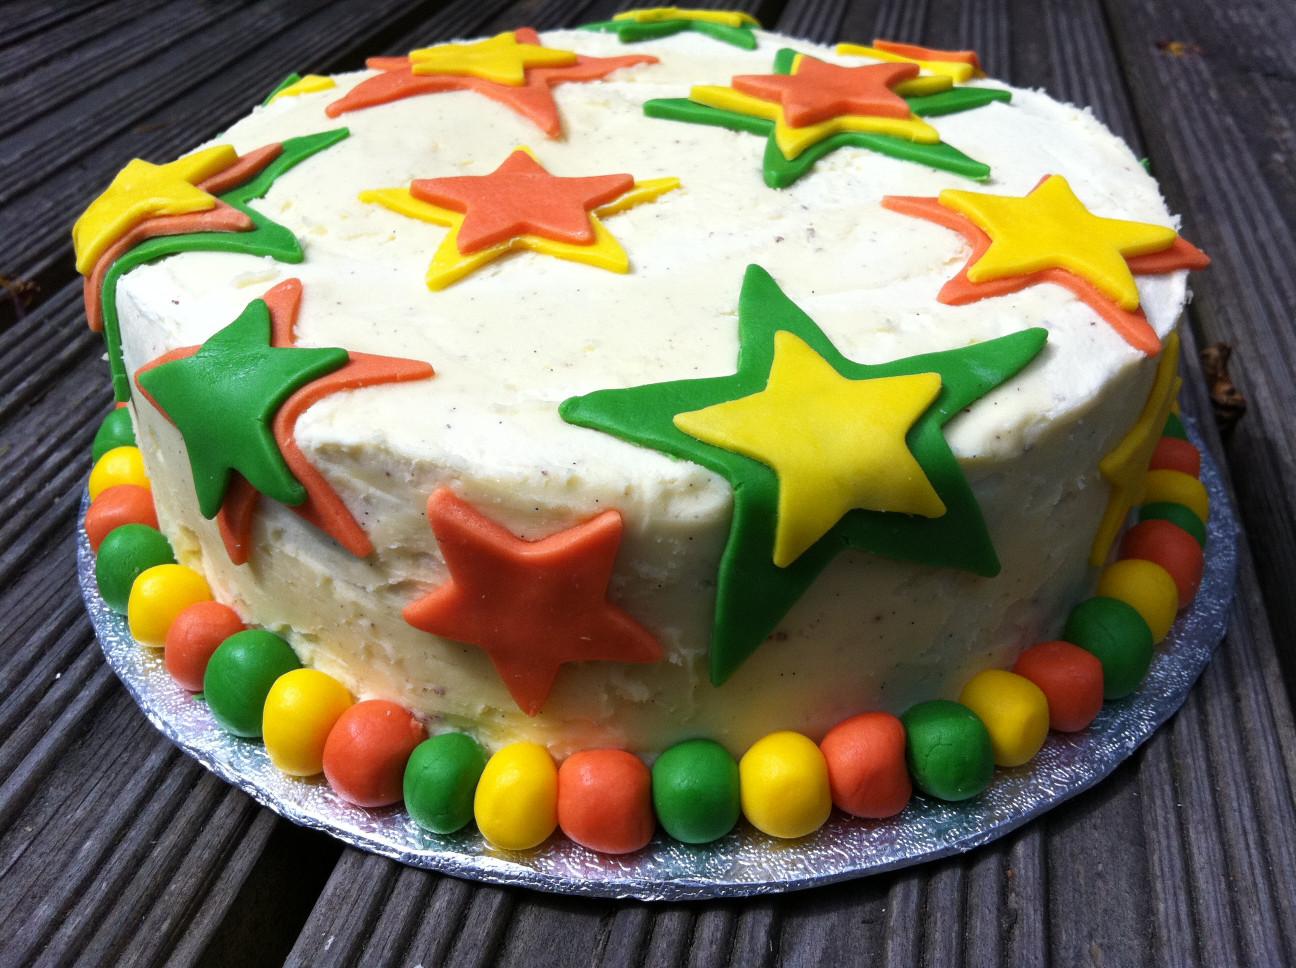 Simple Birthday Cake  Simple chocolate birthday cake with white chocolate